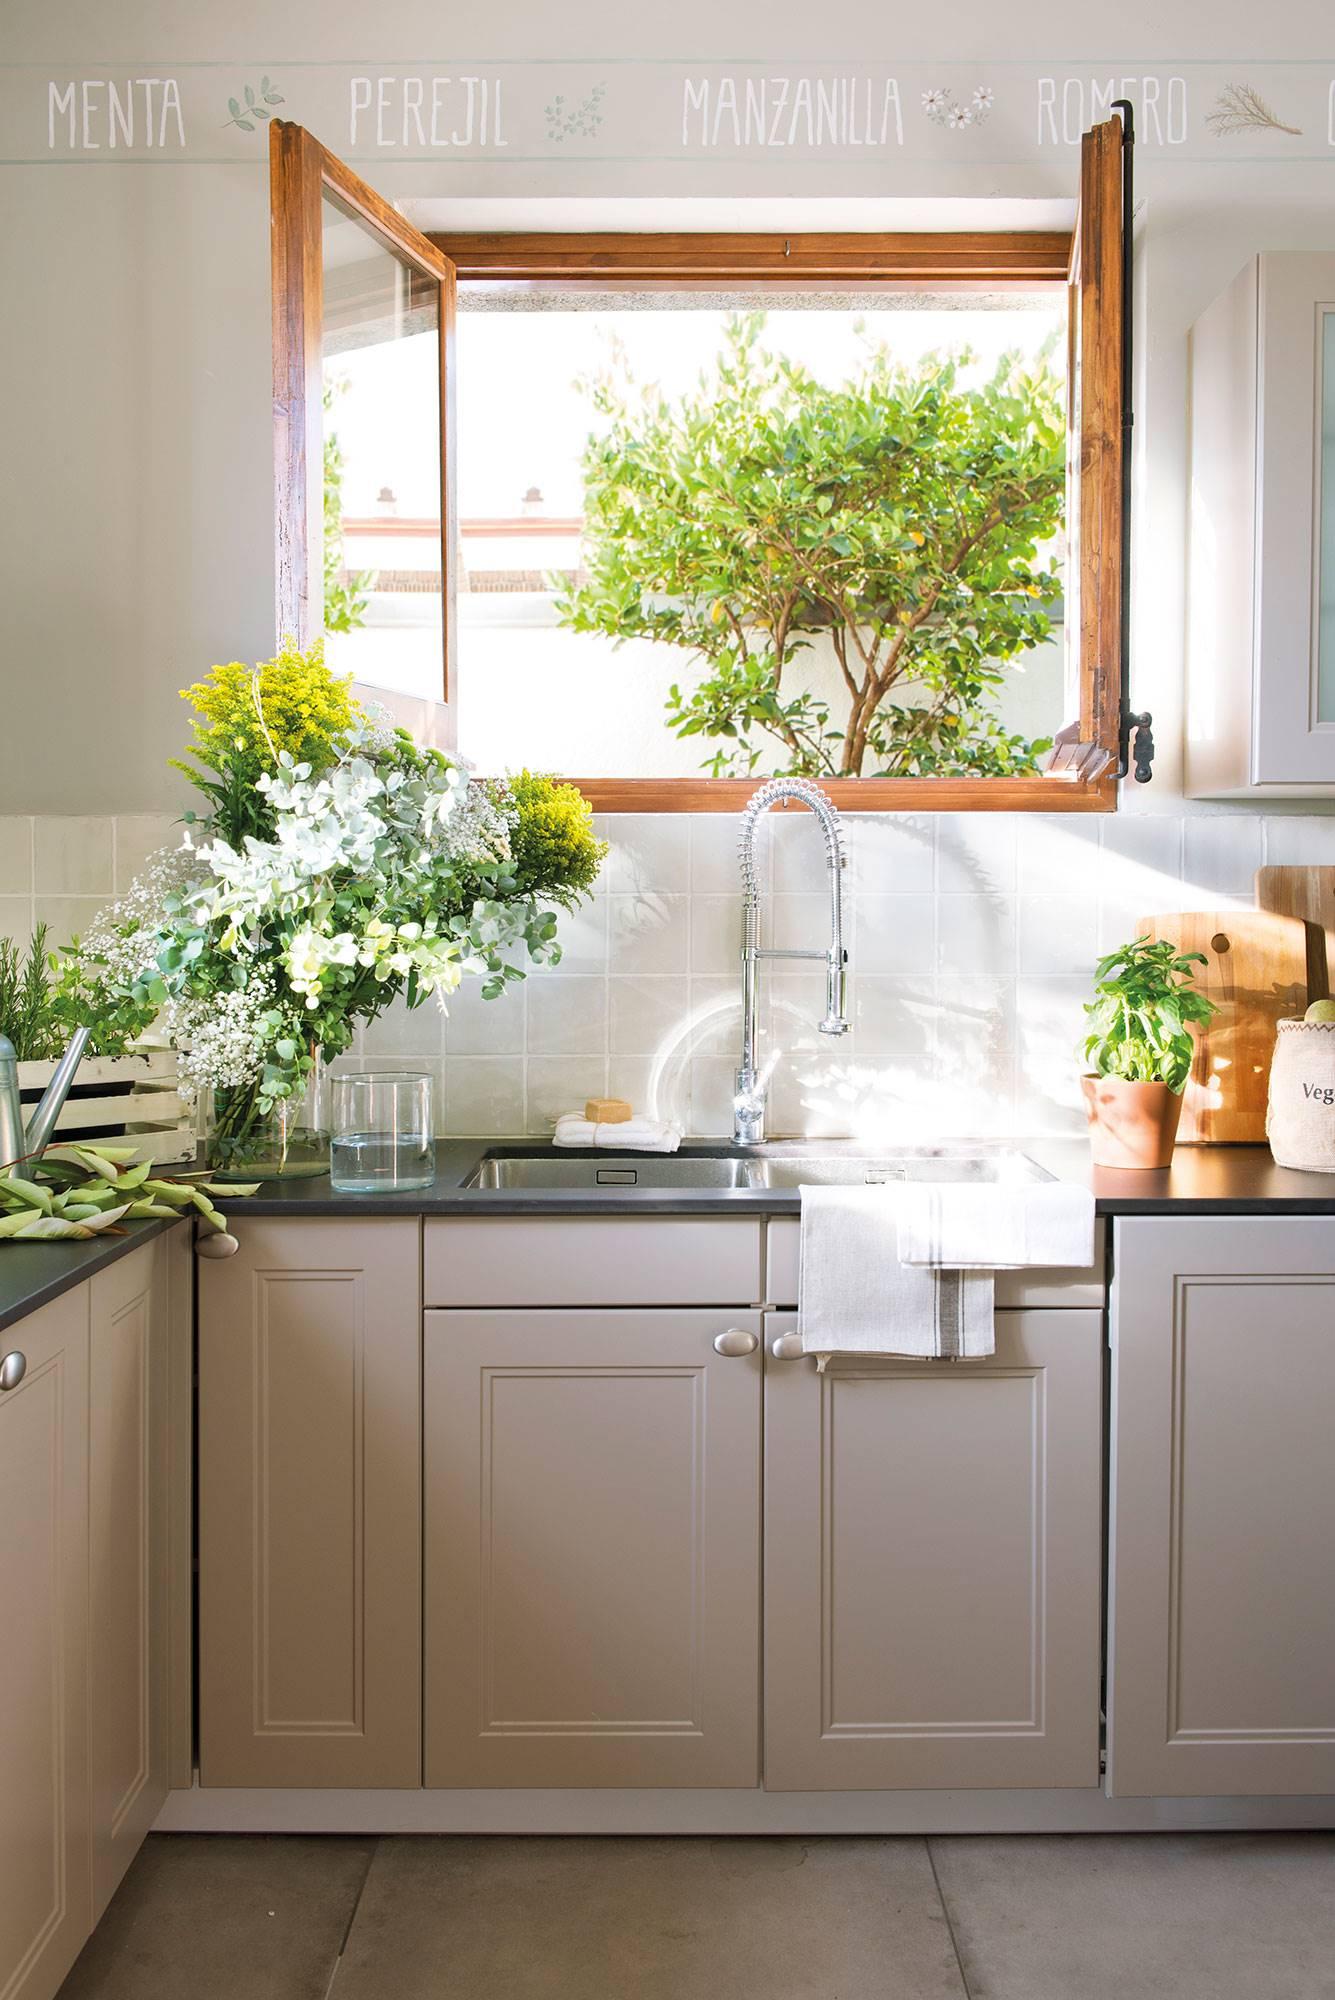 f62a8040c Semitoma de cocina con fregadero y ventana al jardín. ¿Dónde es mejor  ponerlo?